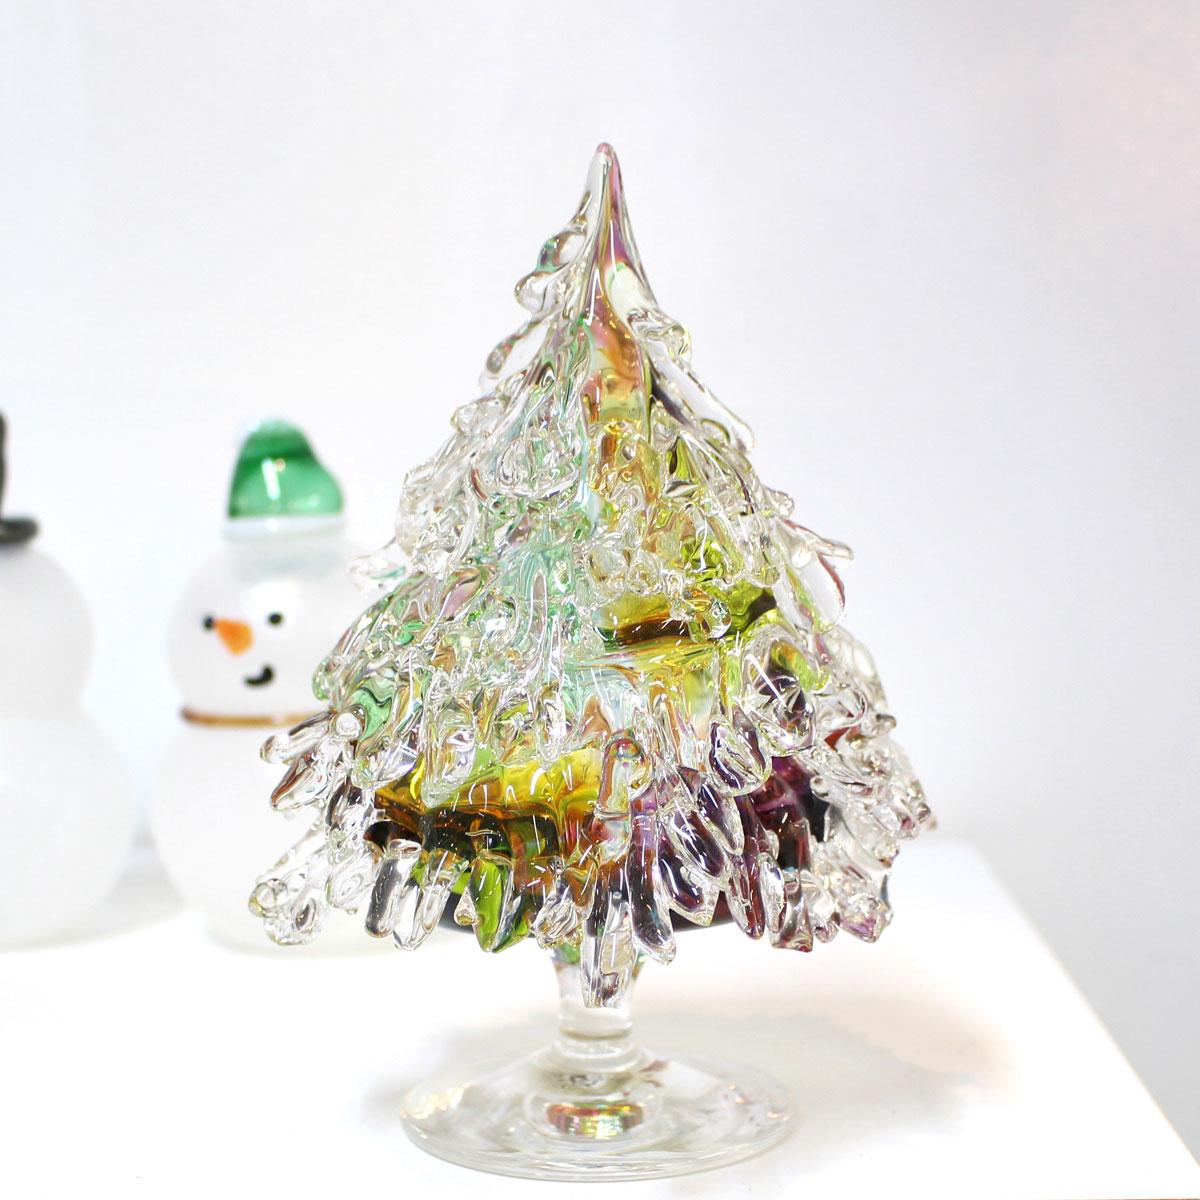 ガラス製 クリスマスツリー(M)glasscalico グラスキャリコ ハンドメイド ガラスアート オブジェ インテリア 置物 ギフト プレゼント